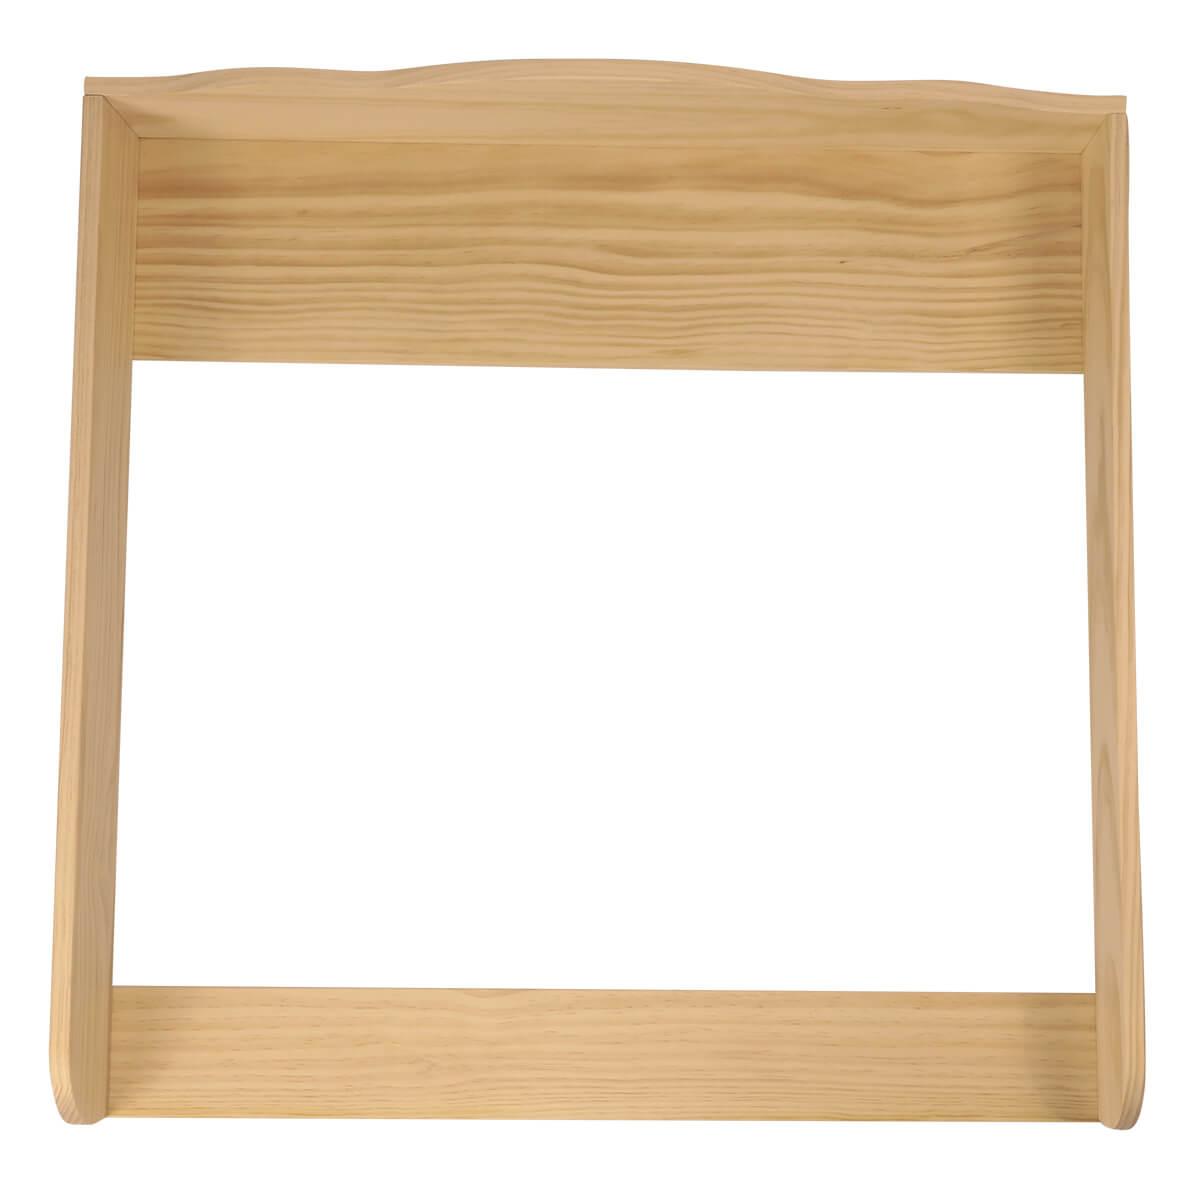 Wickelaufsatz wolke Holz für ikea Malm kommode.jpg